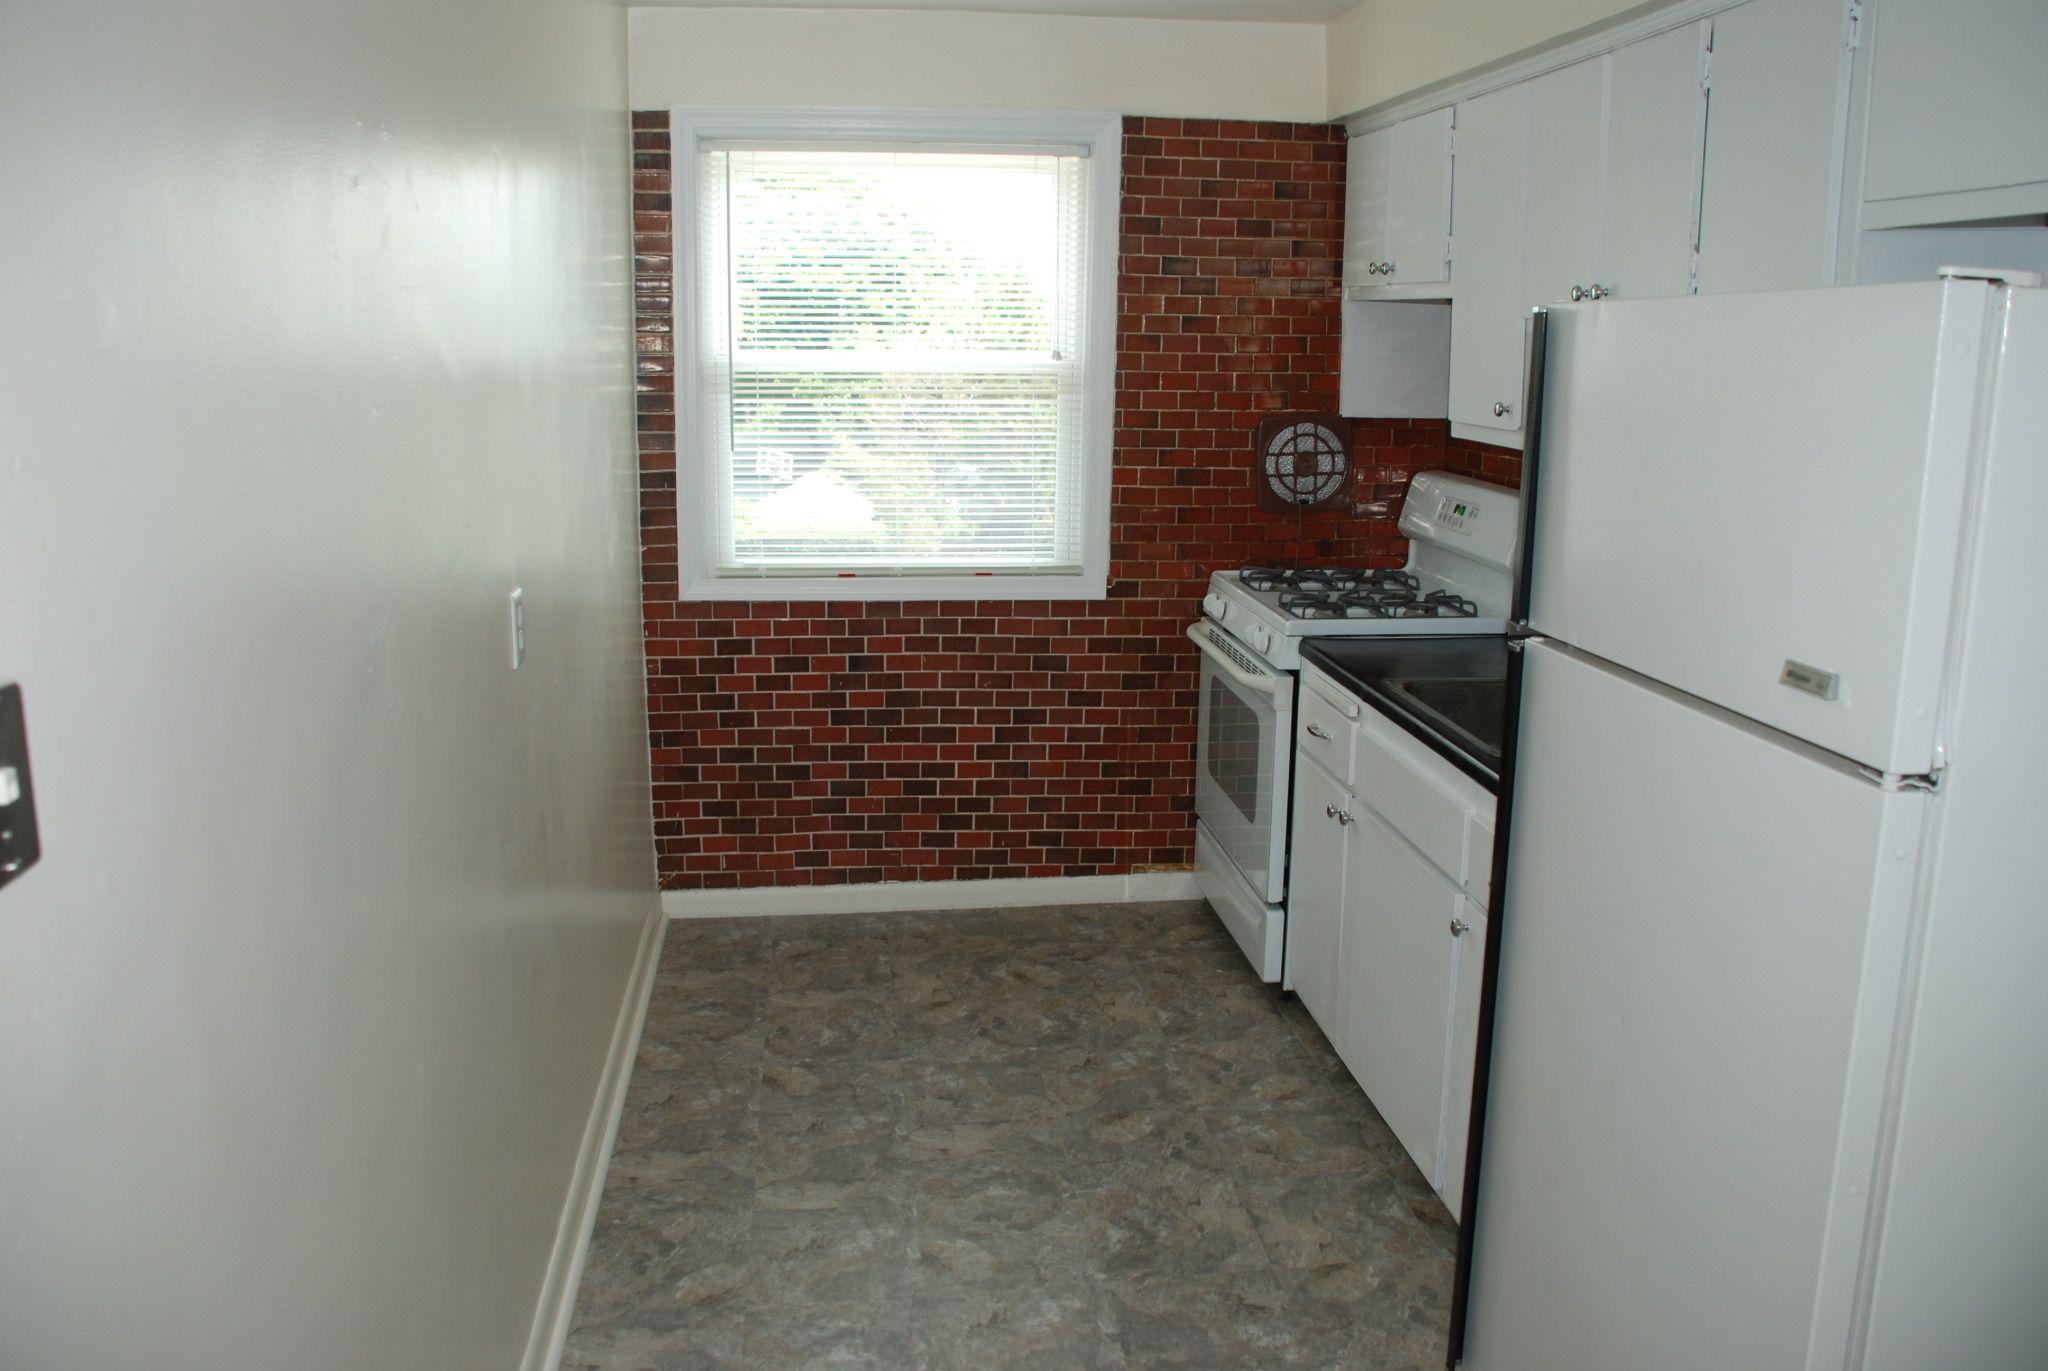 129 Bridge Interior Kitchen 2 (2)